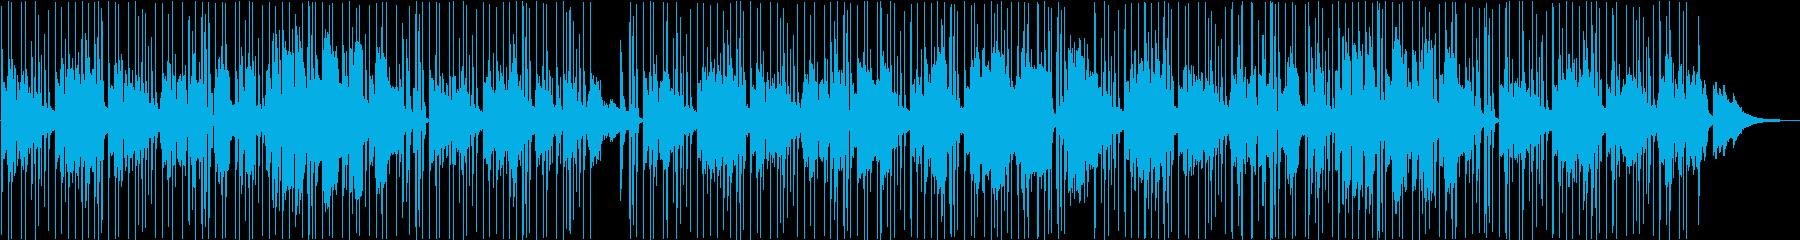 リラックスできるチルホップの再生済みの波形